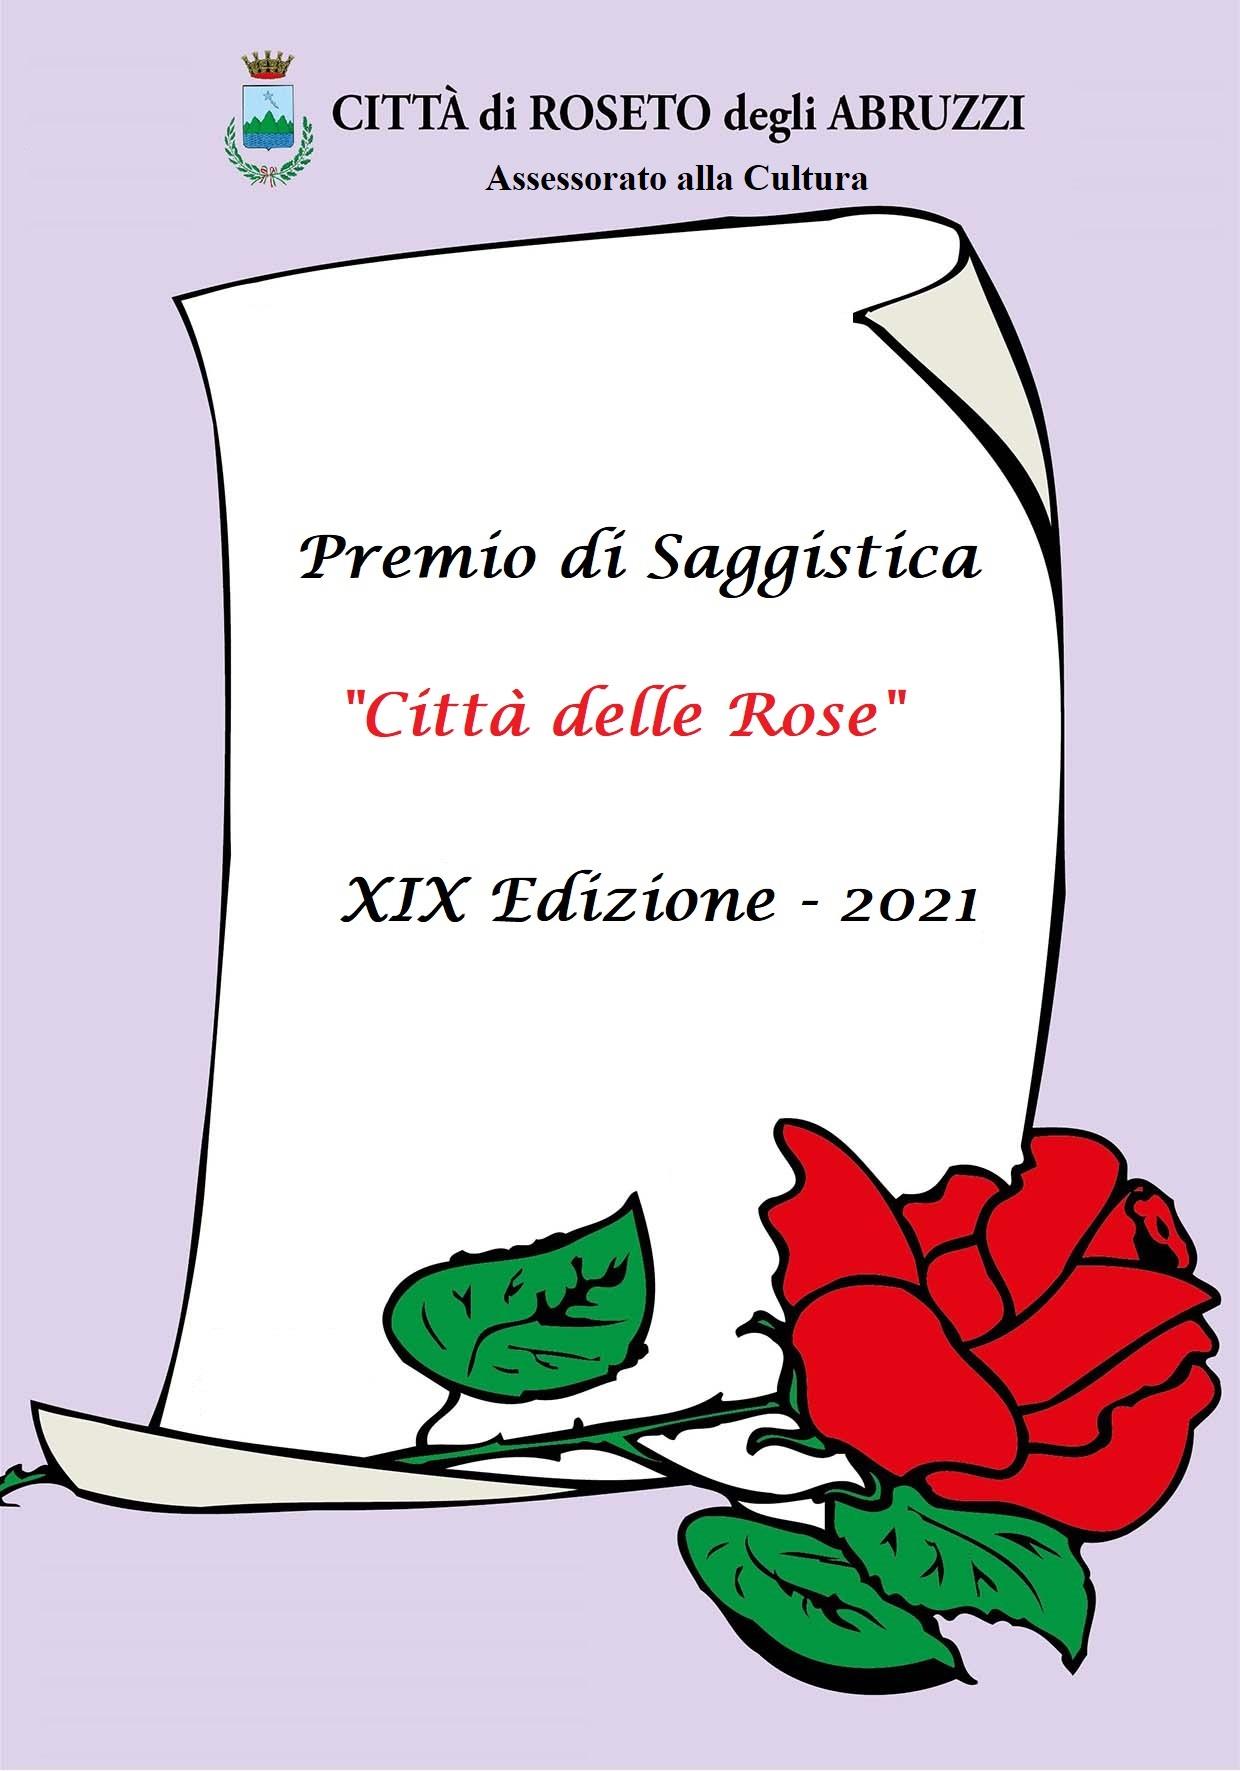 XIX EDIZIONE PREMIO DI SAGGISTICA